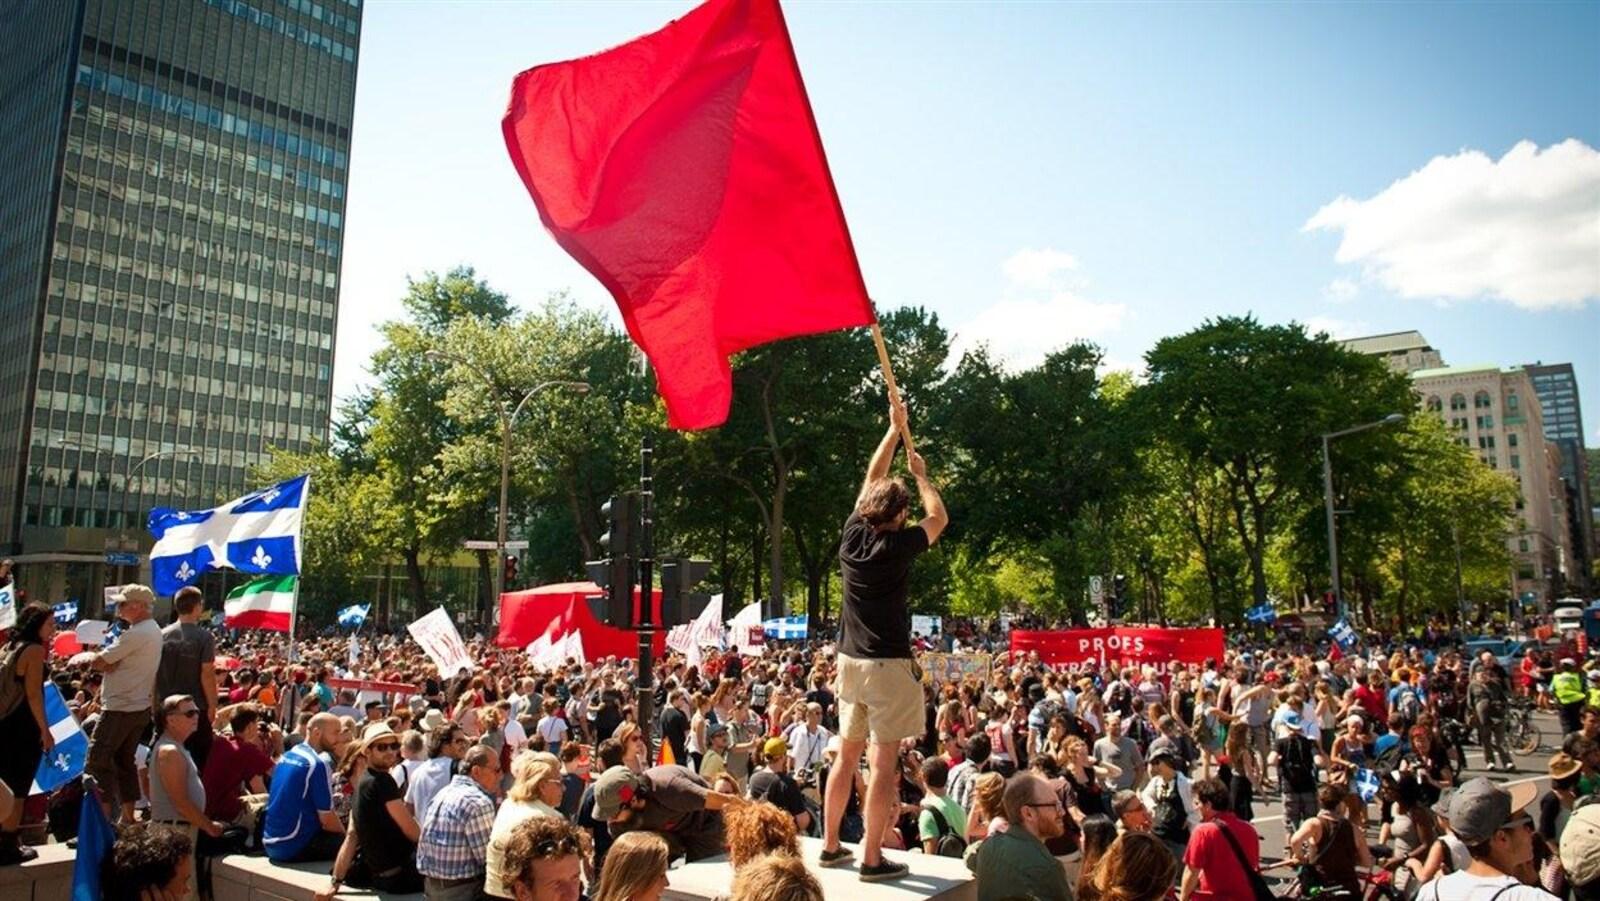 De nombreux étudiants ont envahi la rue pour manifester.